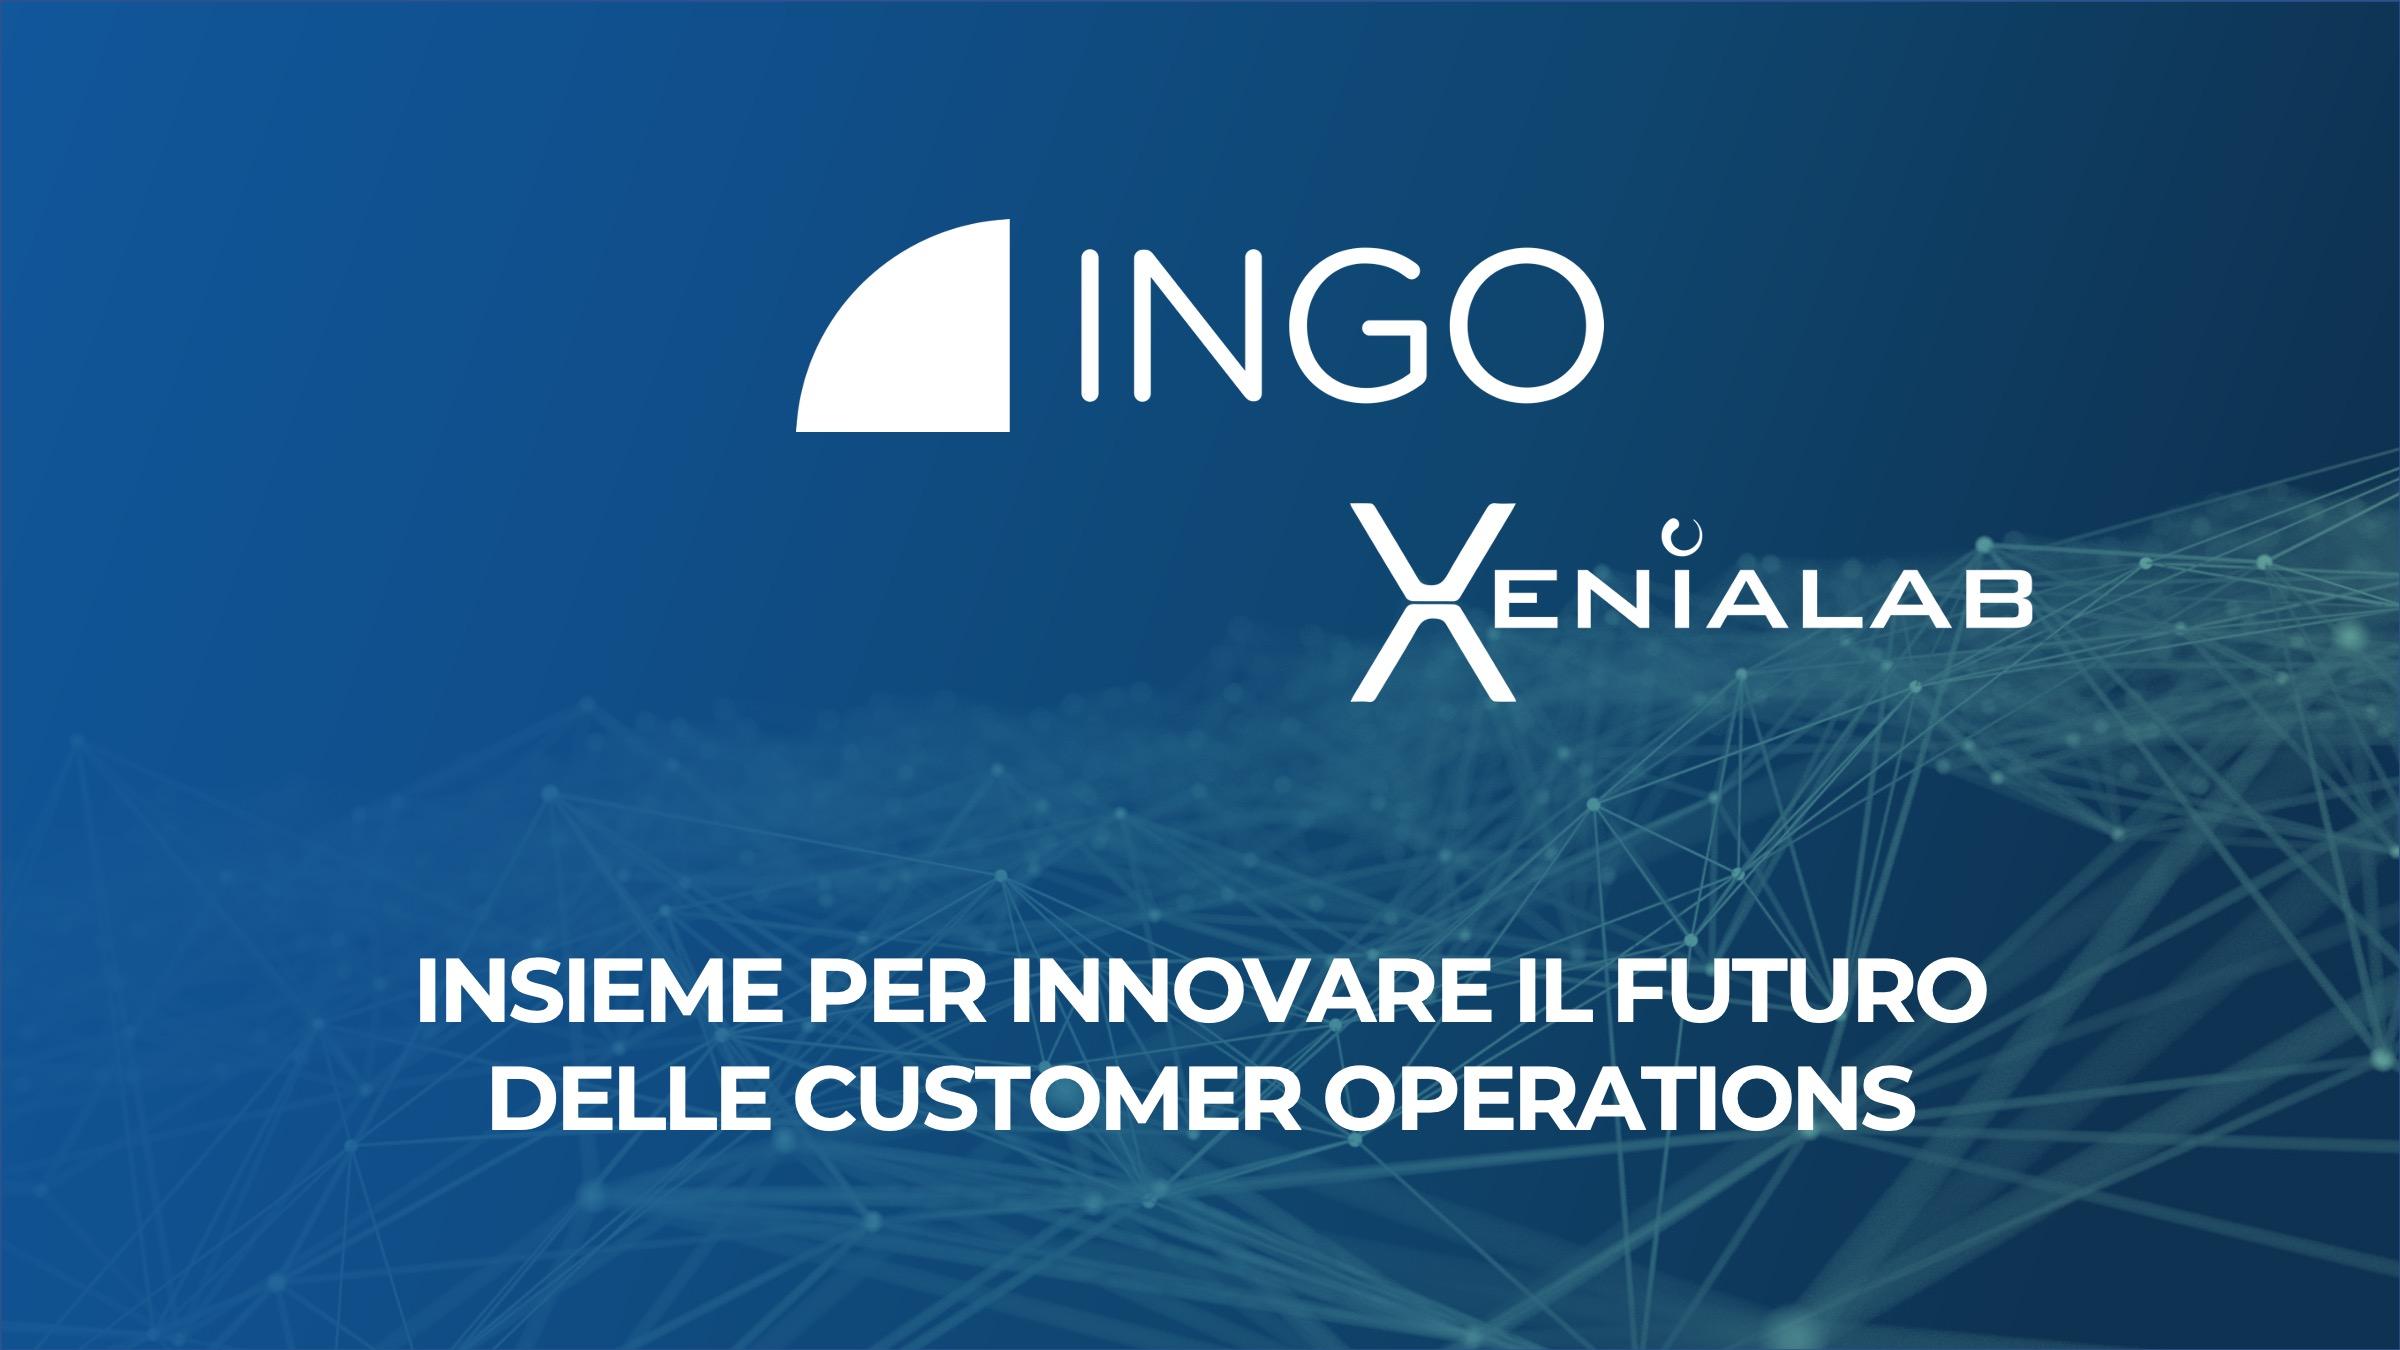 INGO e Xenialab assieme per migliorare le Customer Operations